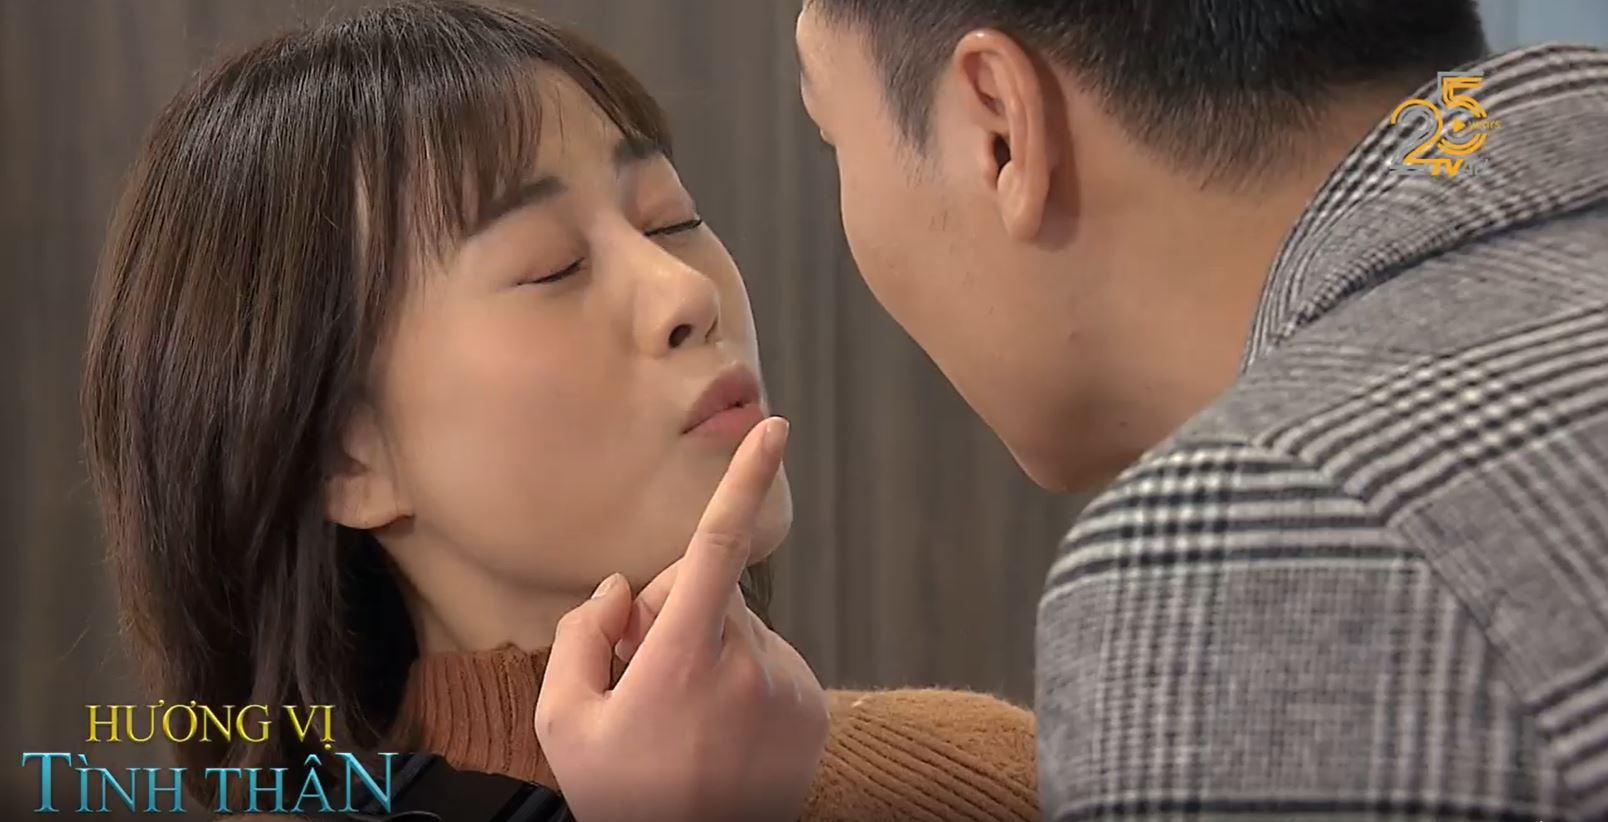 Hương vị tình thân' preview tập 30: Nam bị khán giả chê vô duyên khi phù  hơi vào mặt Long